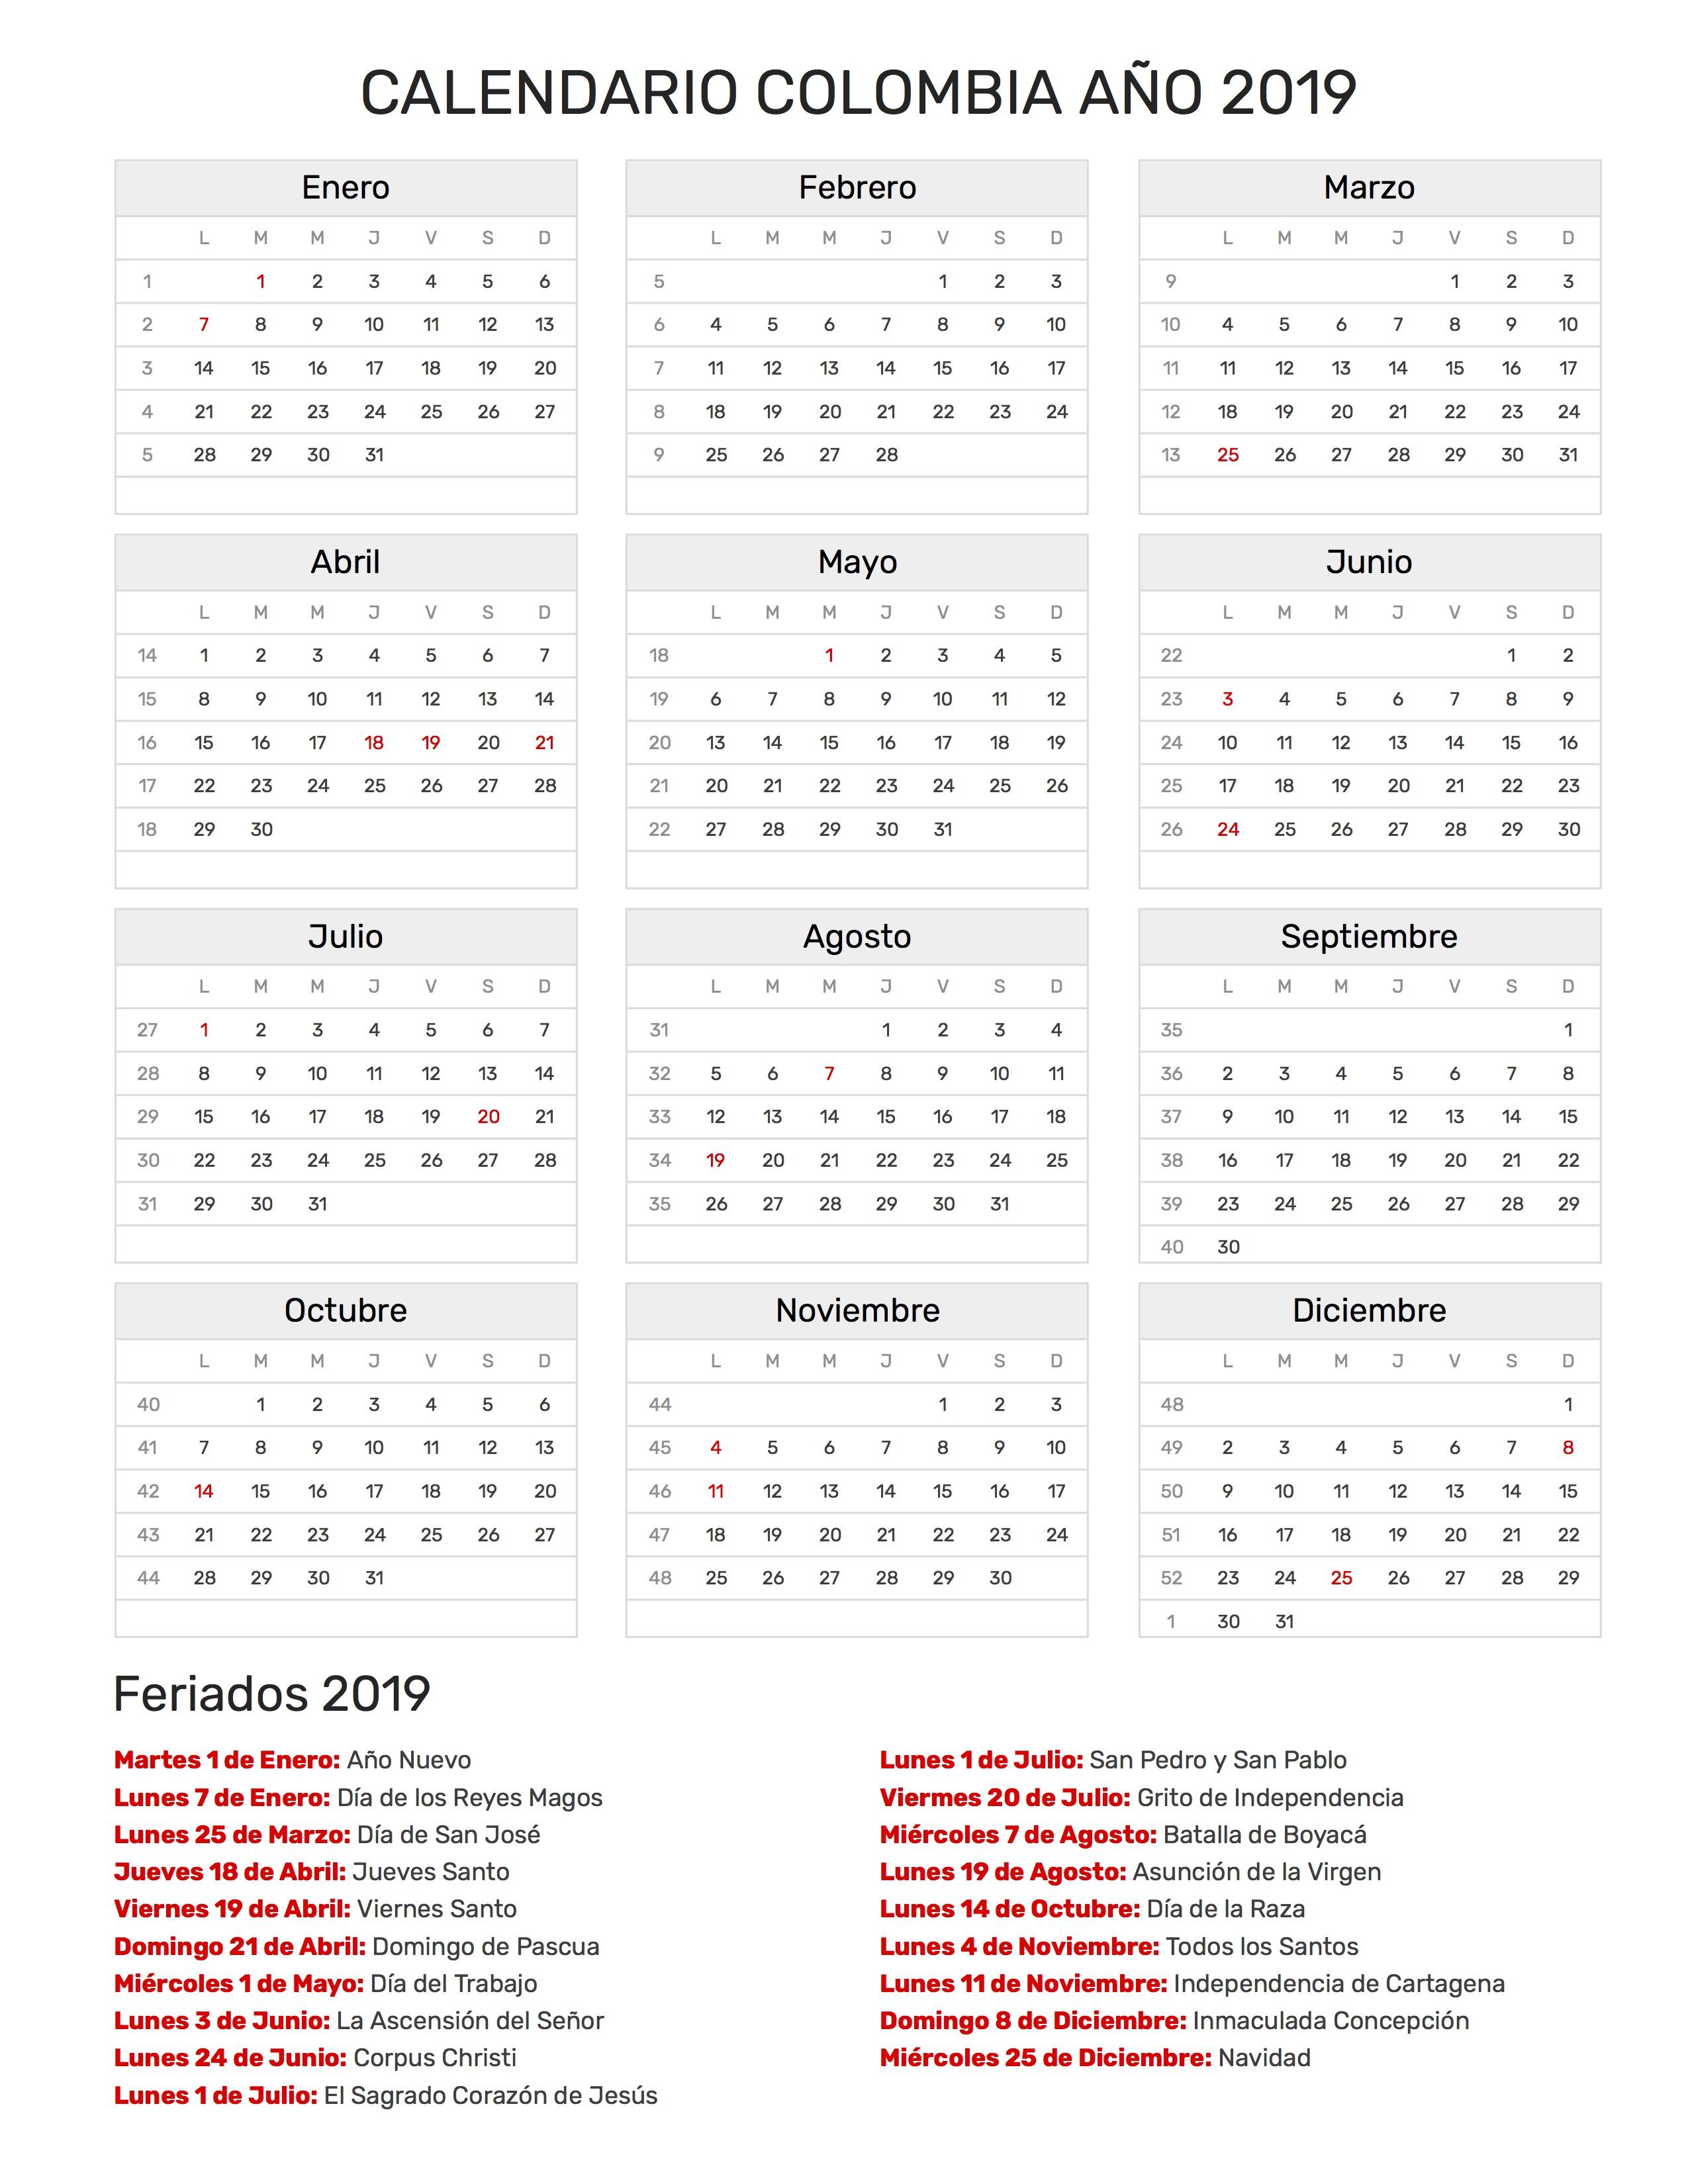 Calendario Colombia 2019 Para Imprimir.Calendario De Colombia Ano 2019 Feriados